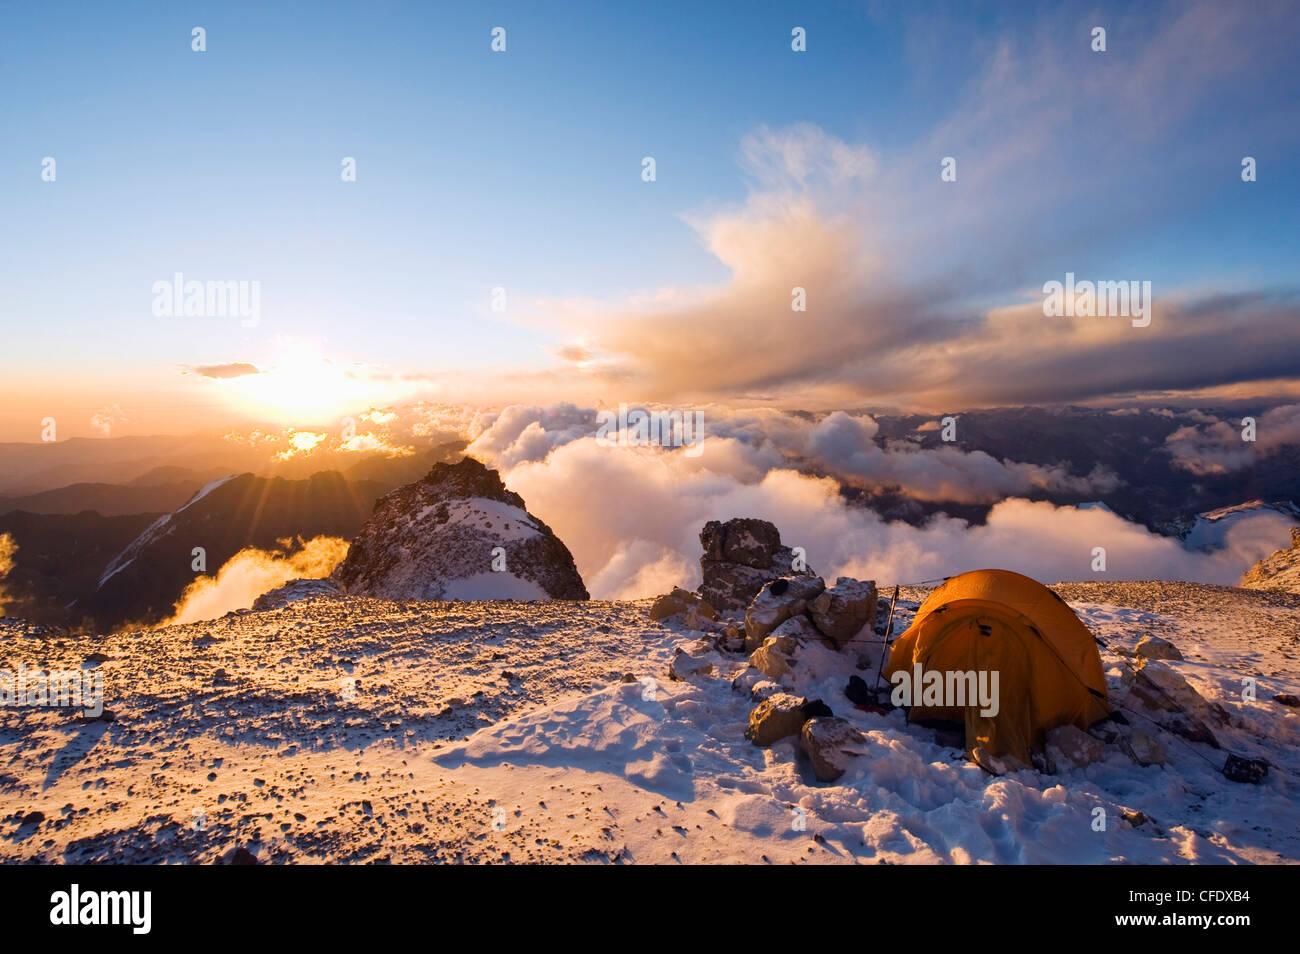 Tramonto a rocce bianche (PIEDRAS BLANCAS) Campeggio Parco Aconcagua, montagne delle Ande, Argentina Immagini Stock